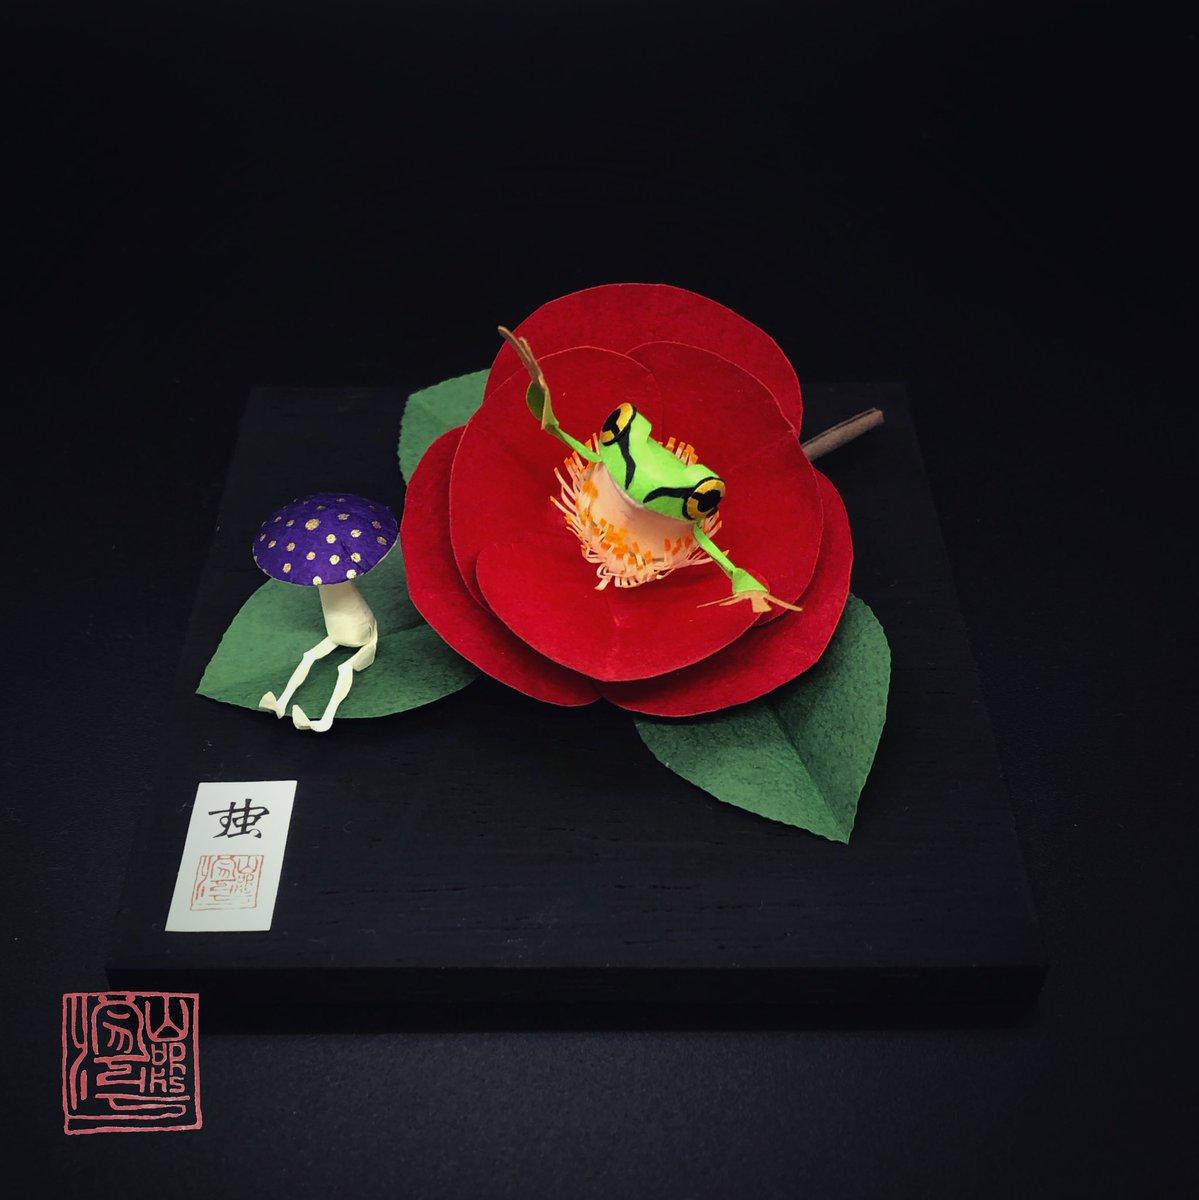 椿の花の中でじっとしてるカエル見かけると幸せだけど……じっとしていないカエルを作りました!12/10 ~ お茶の水 おりがみ会館#切り折り紙の世界展 で展示しますぞ!